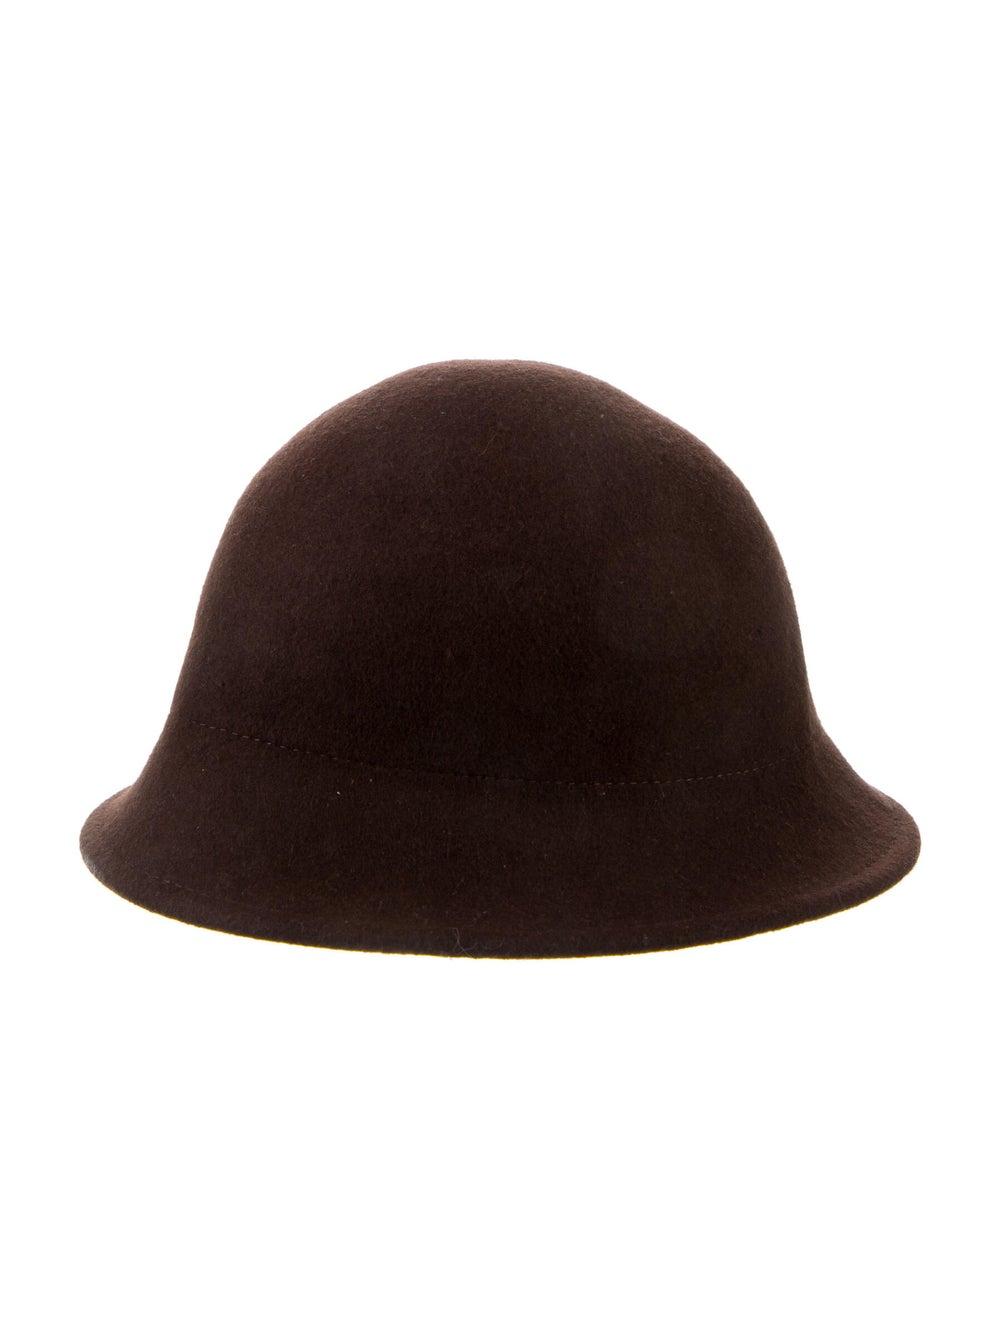 Janessa Leone Wide Brim Wool Hat Black - image 2